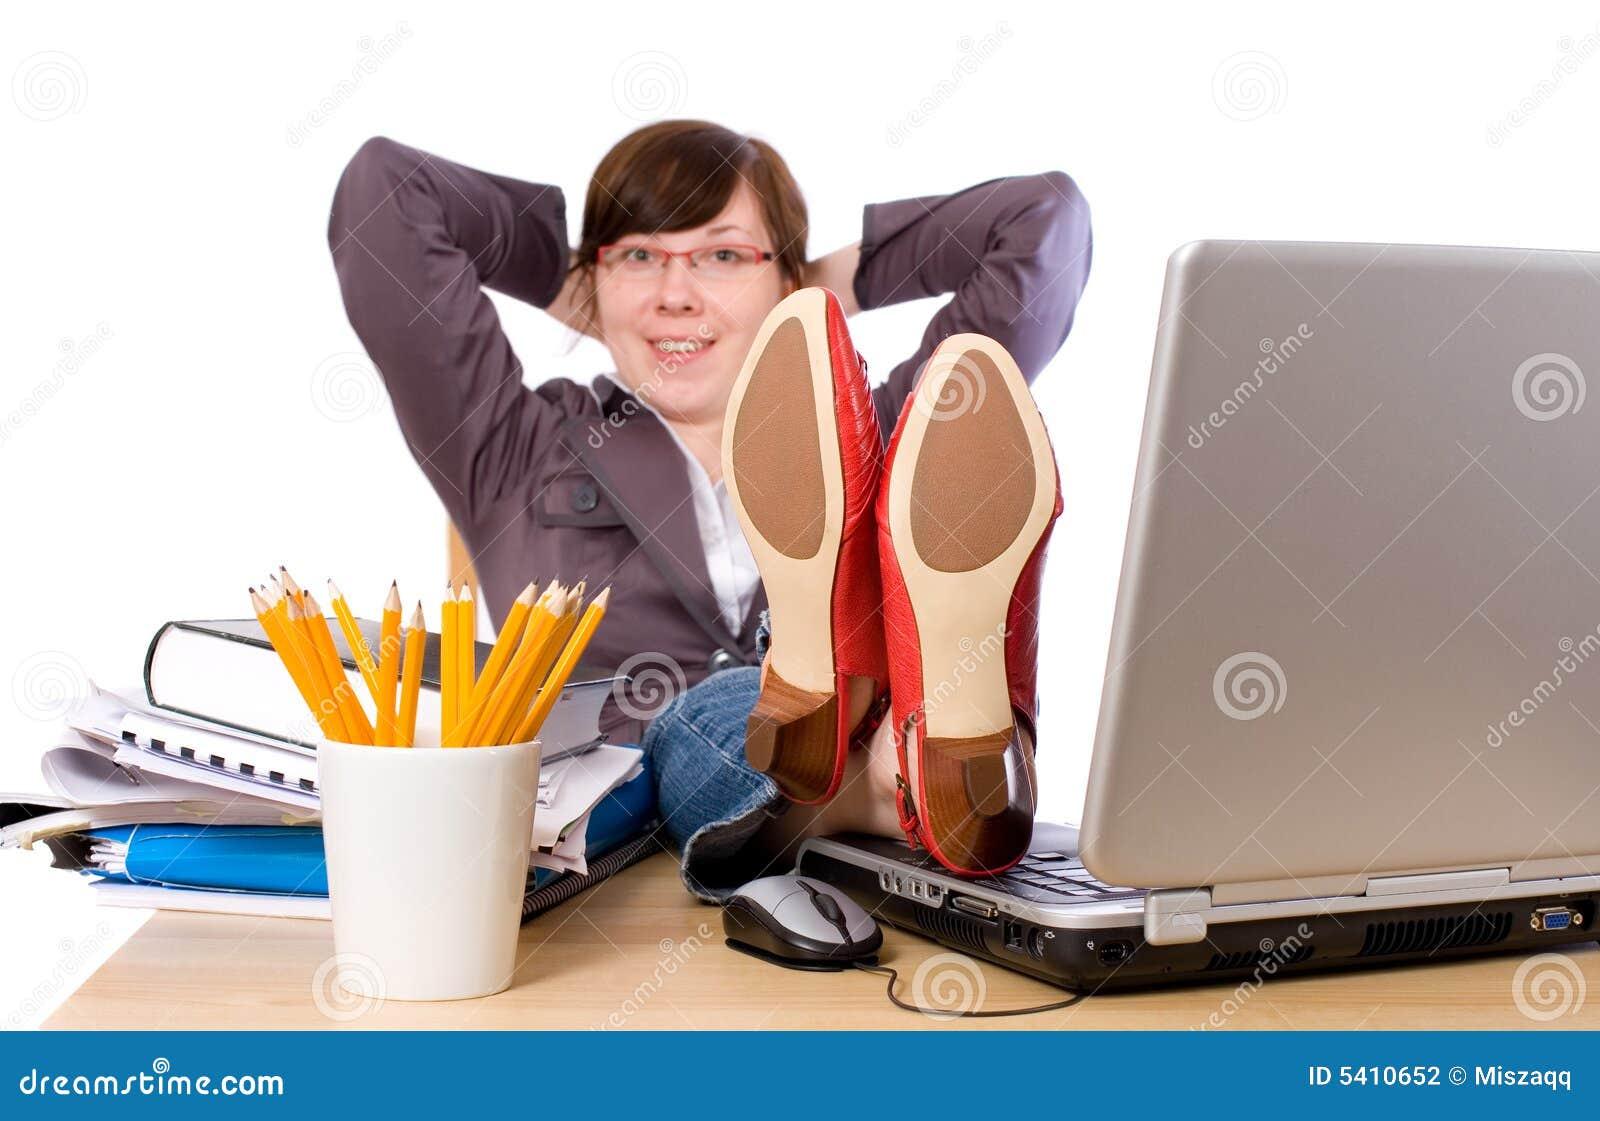 lazy female manager - photo #7